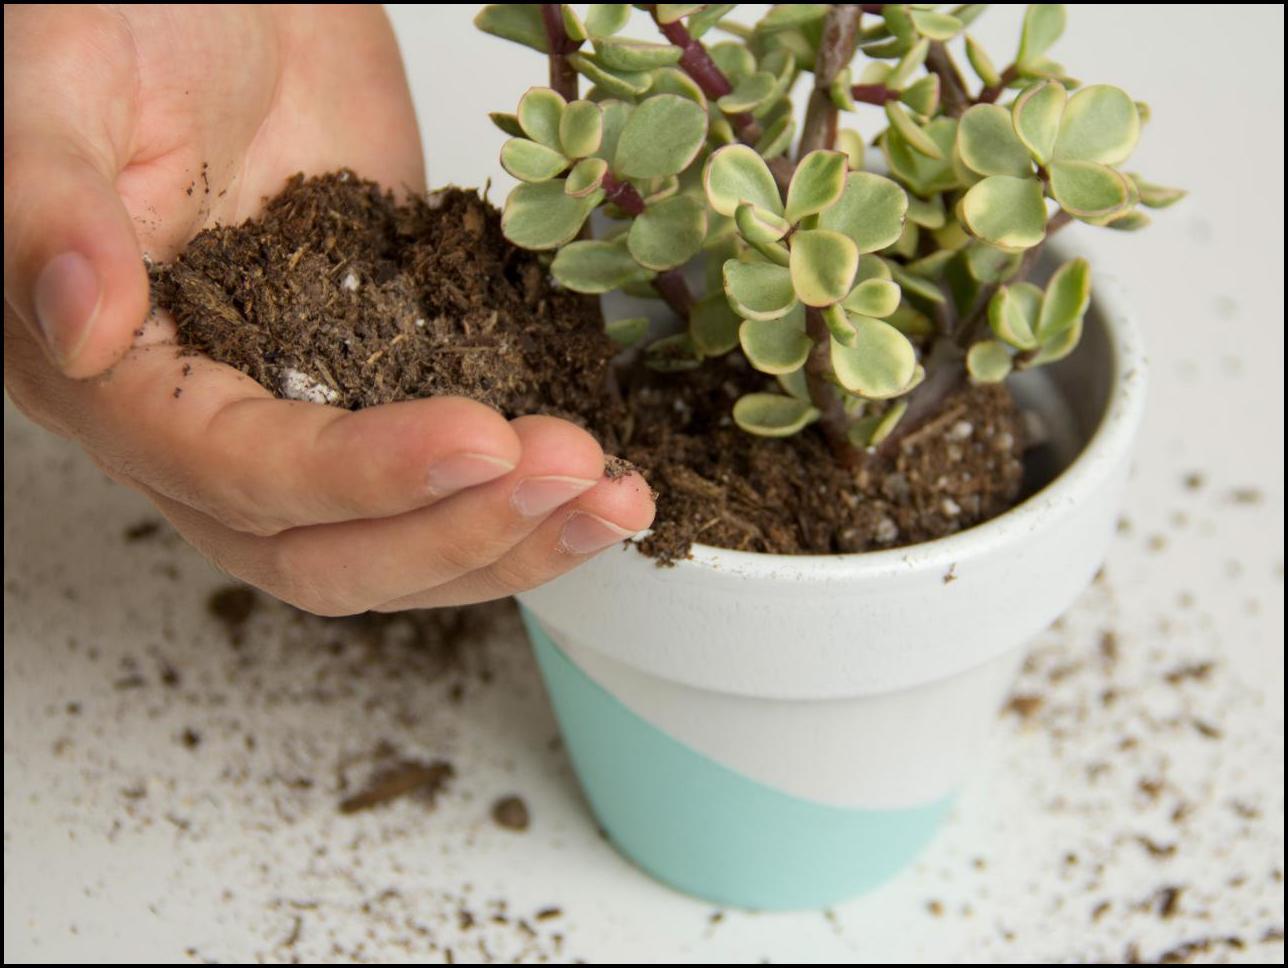 Best Potting Soil For Succulents